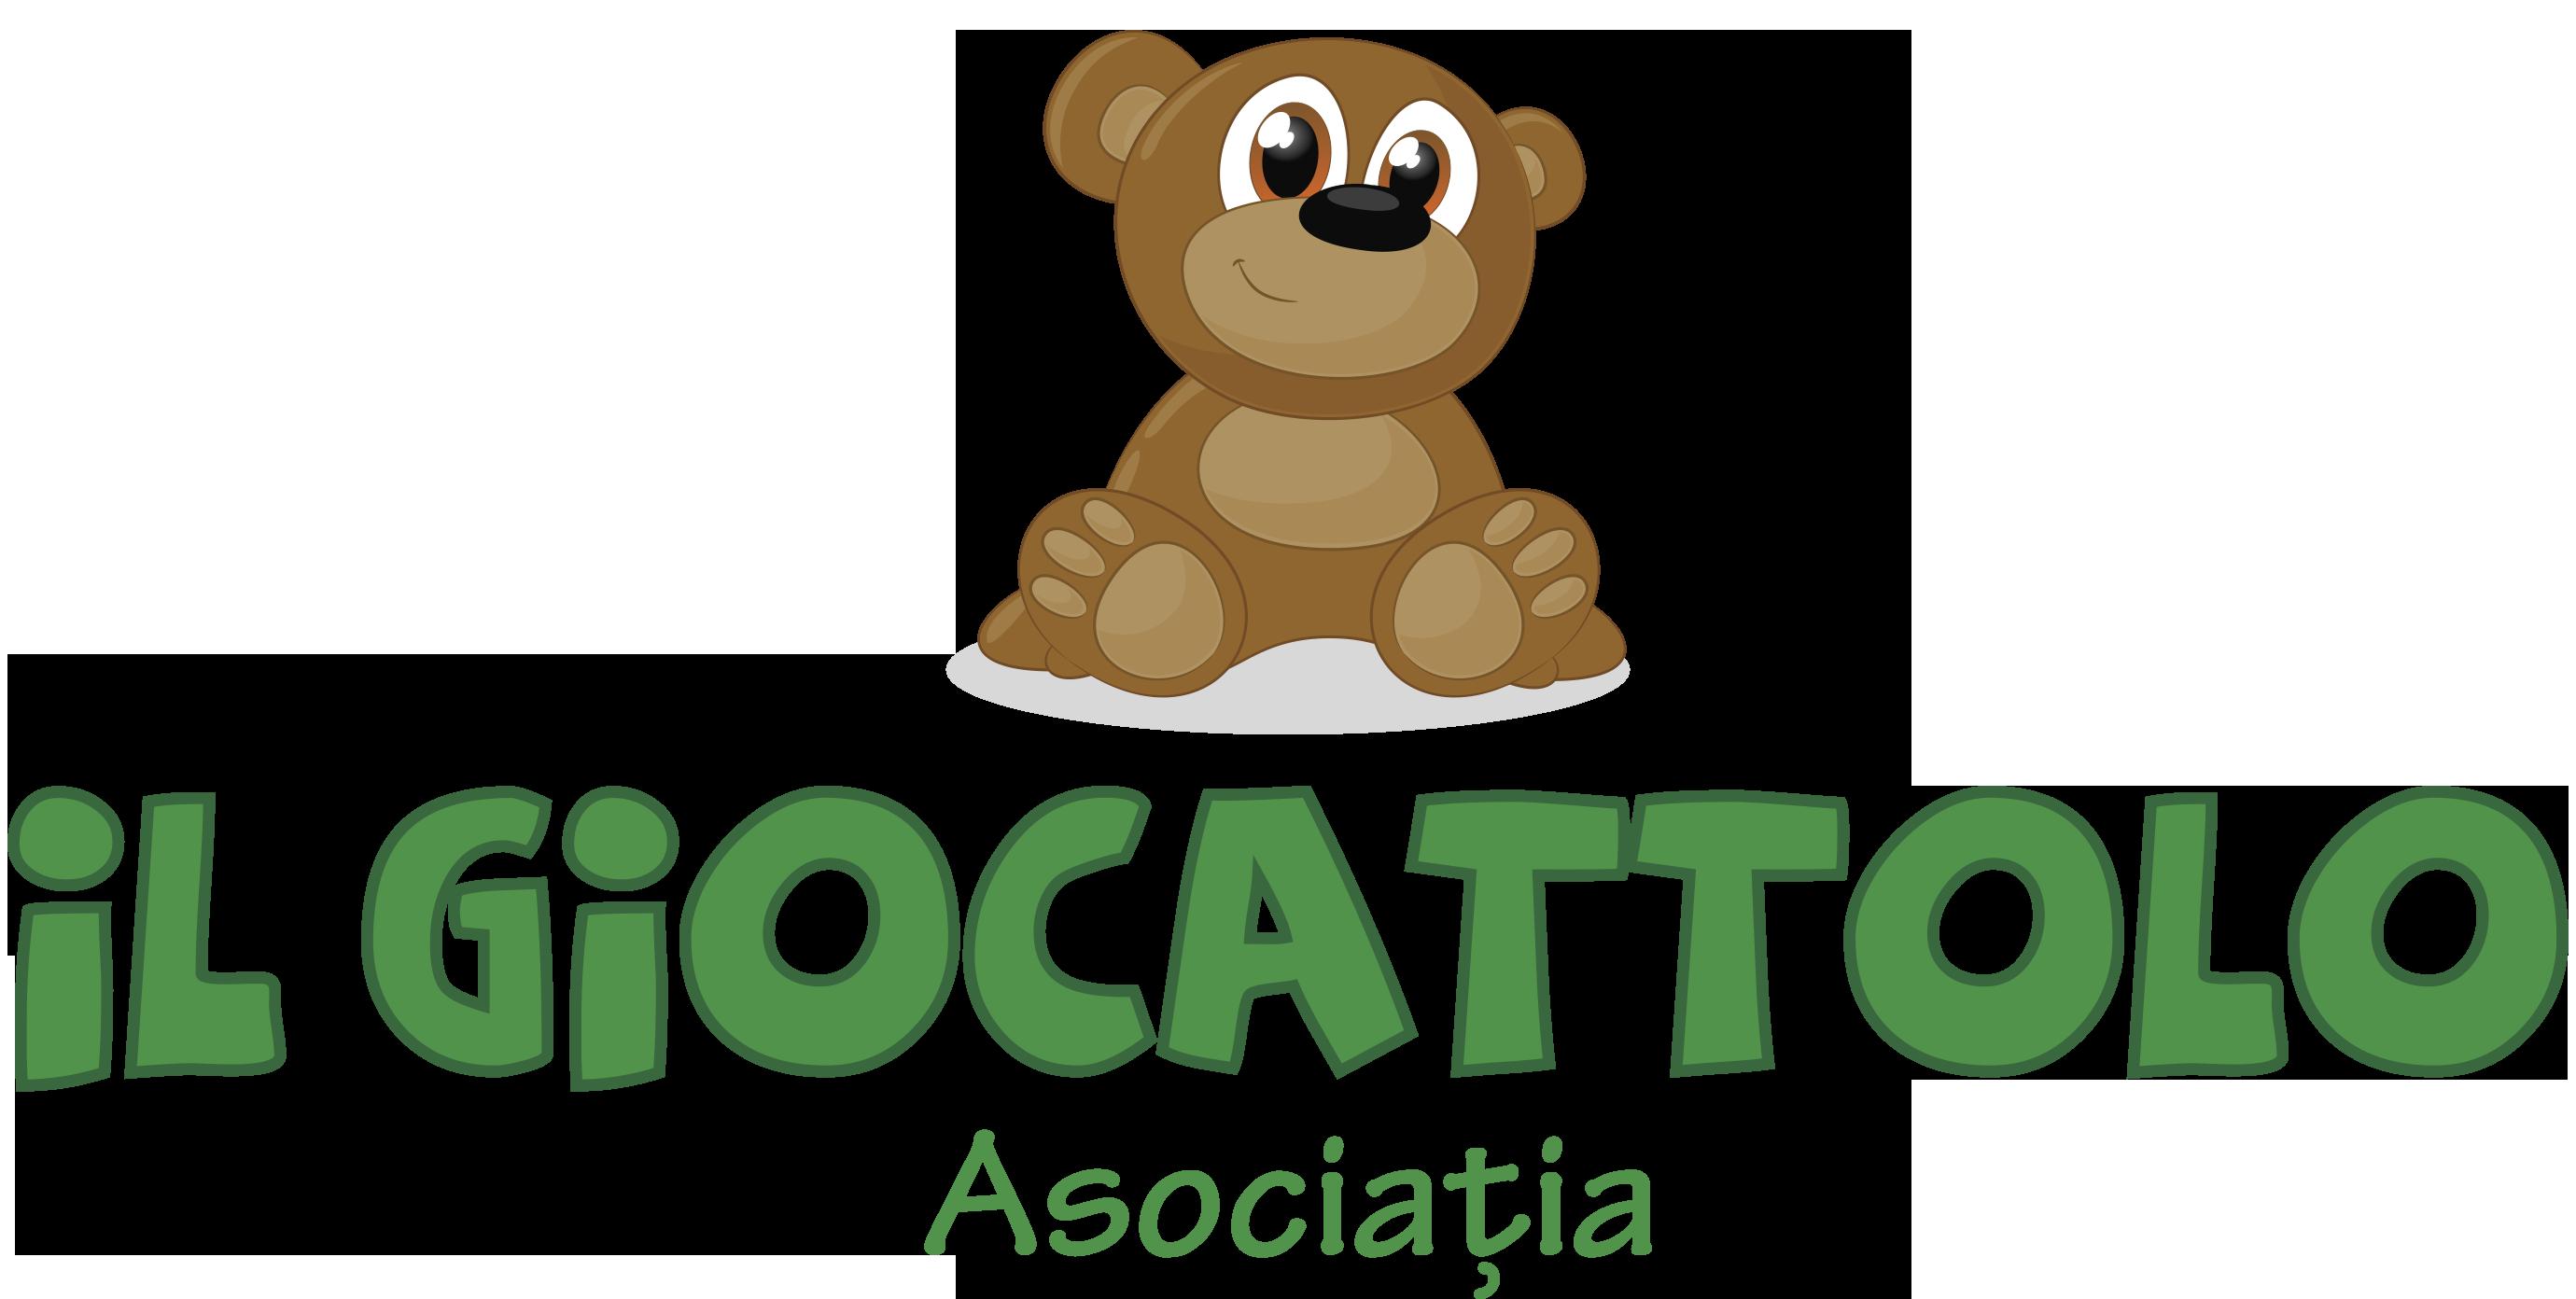 Asociatia Il Giocattolo logo